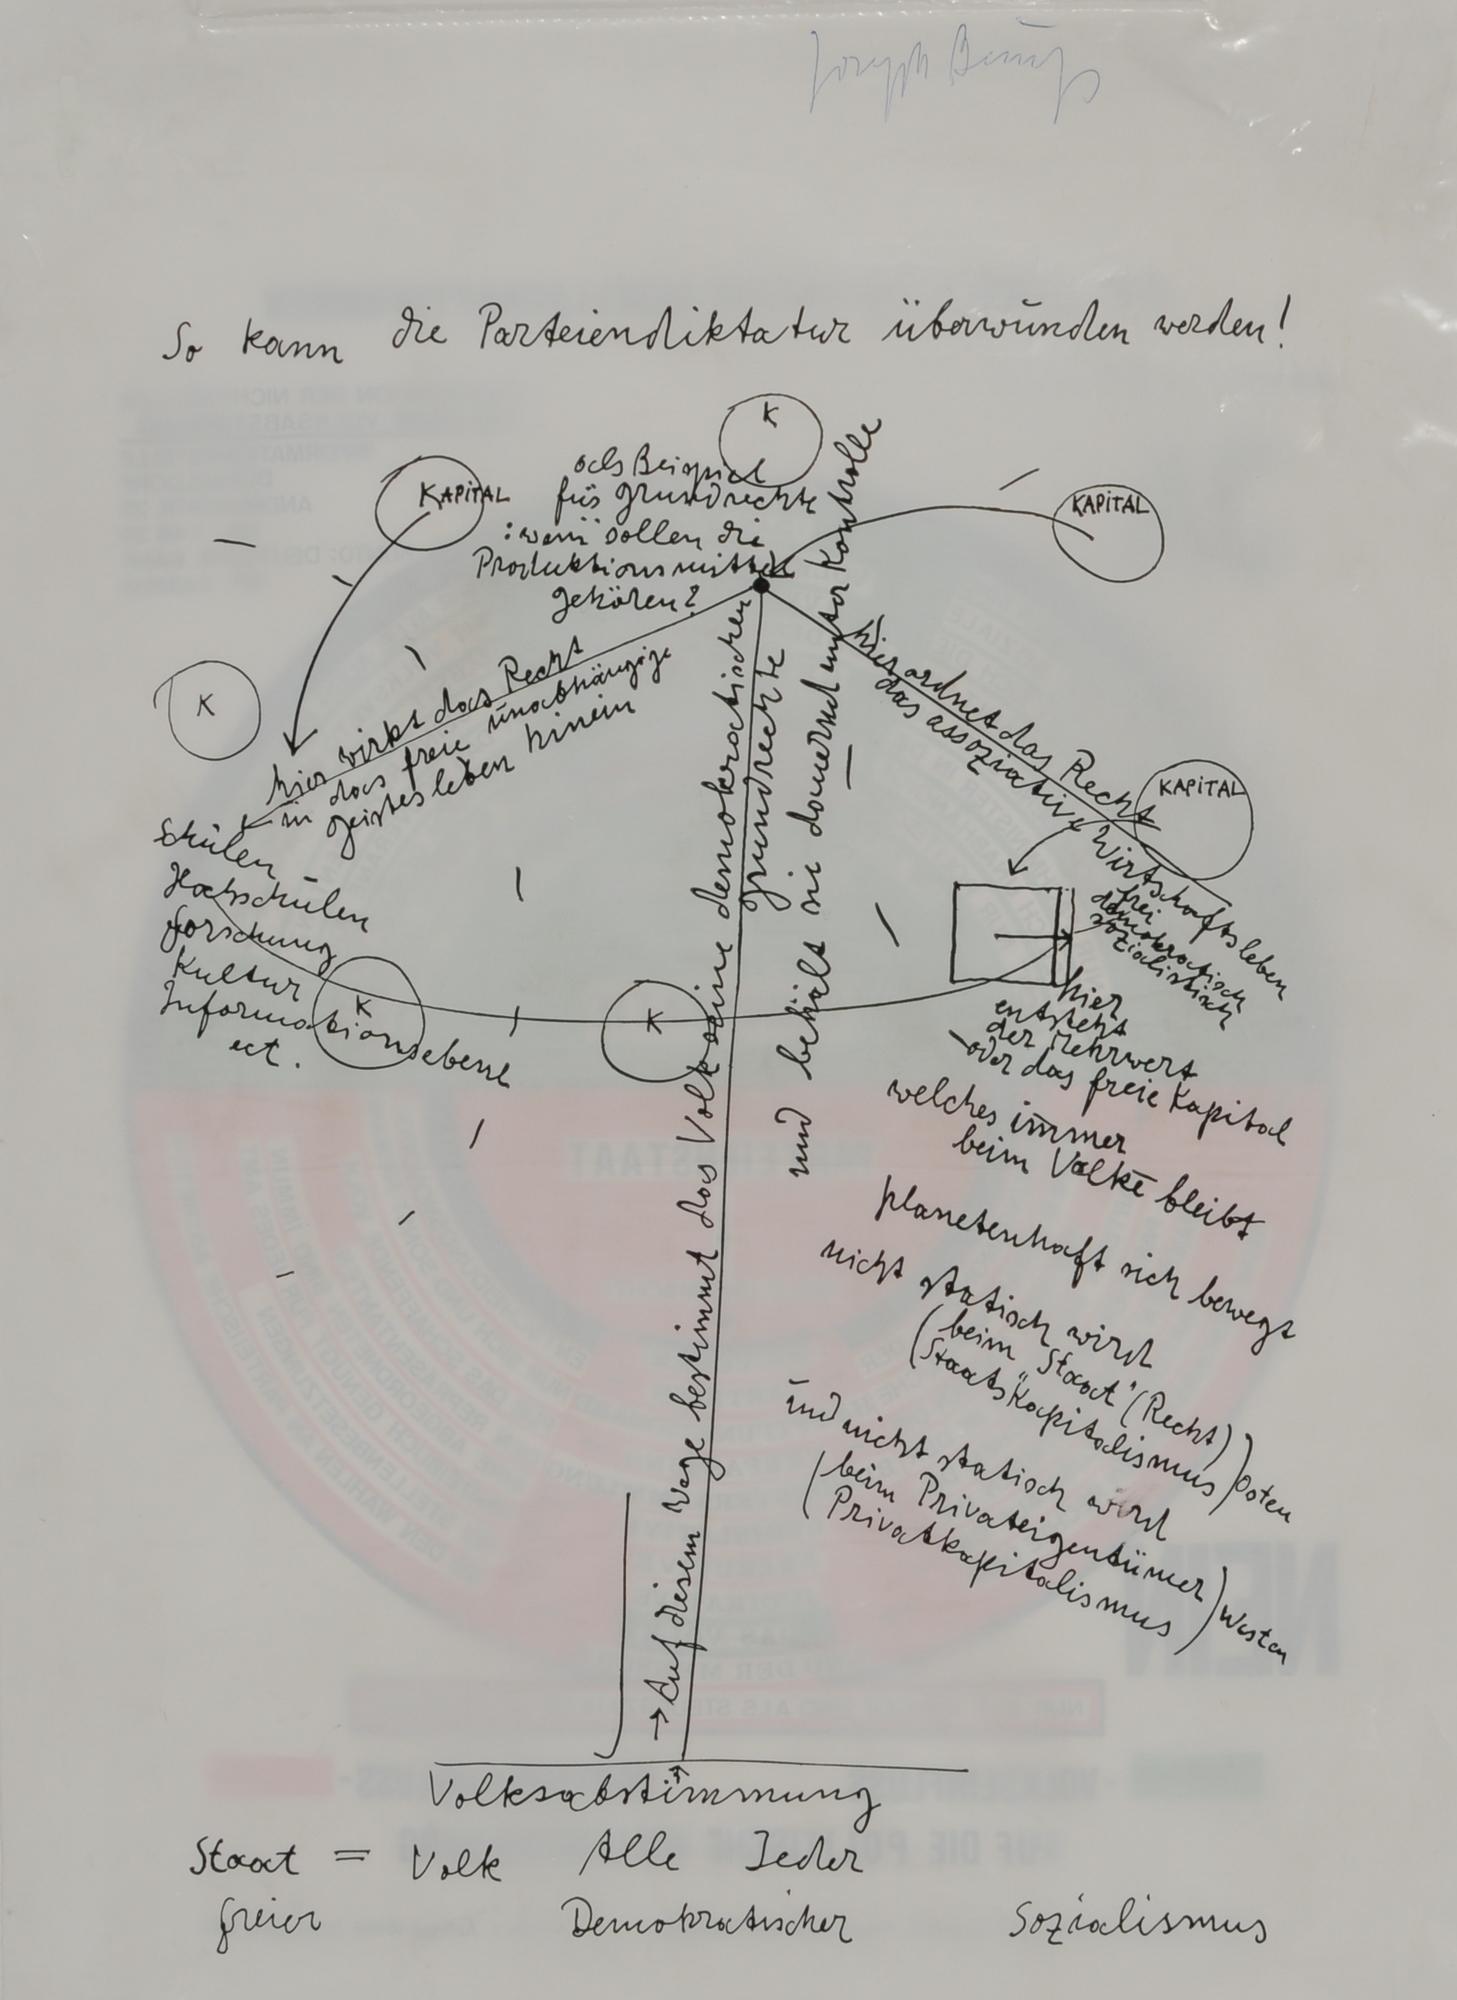 Beuys Joseph, So kann die Parteiendiktatur überwunden werden